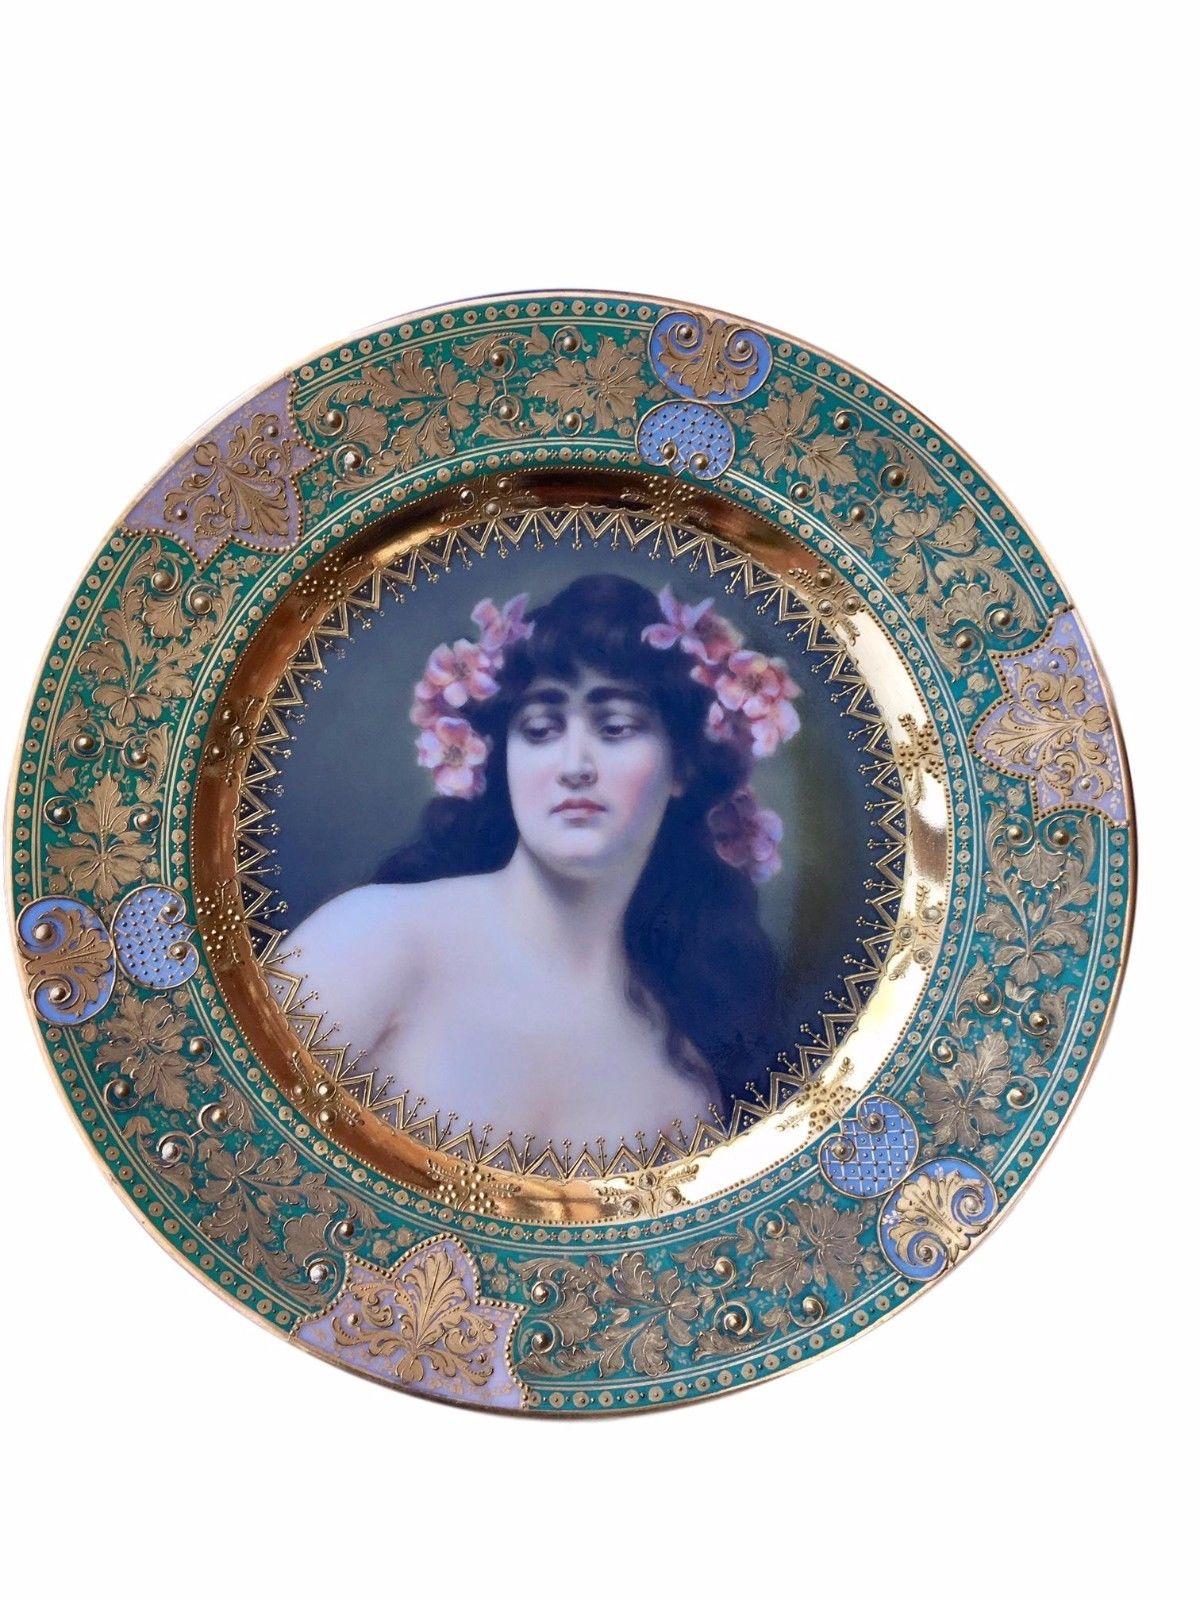 Antique Royal Vienna Porcelain Hand Painted Portrait Plate ...  sc 1 st  Antiqi & Porcelain Plates u2014 Your Site Title